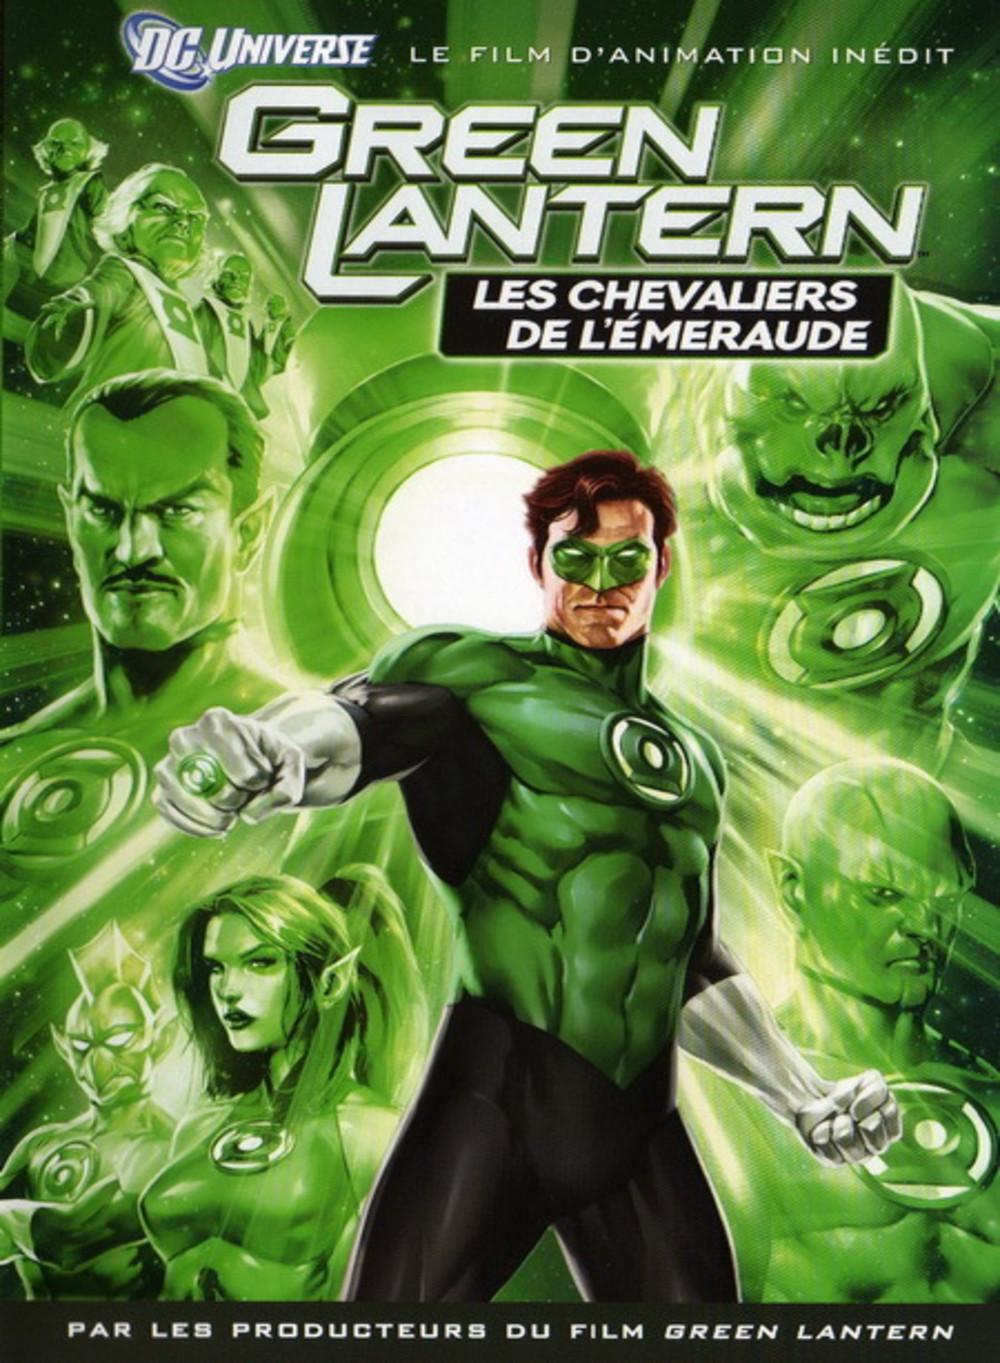 affiche du film Green Lantern : Les Chevaliers de l'Emeraude